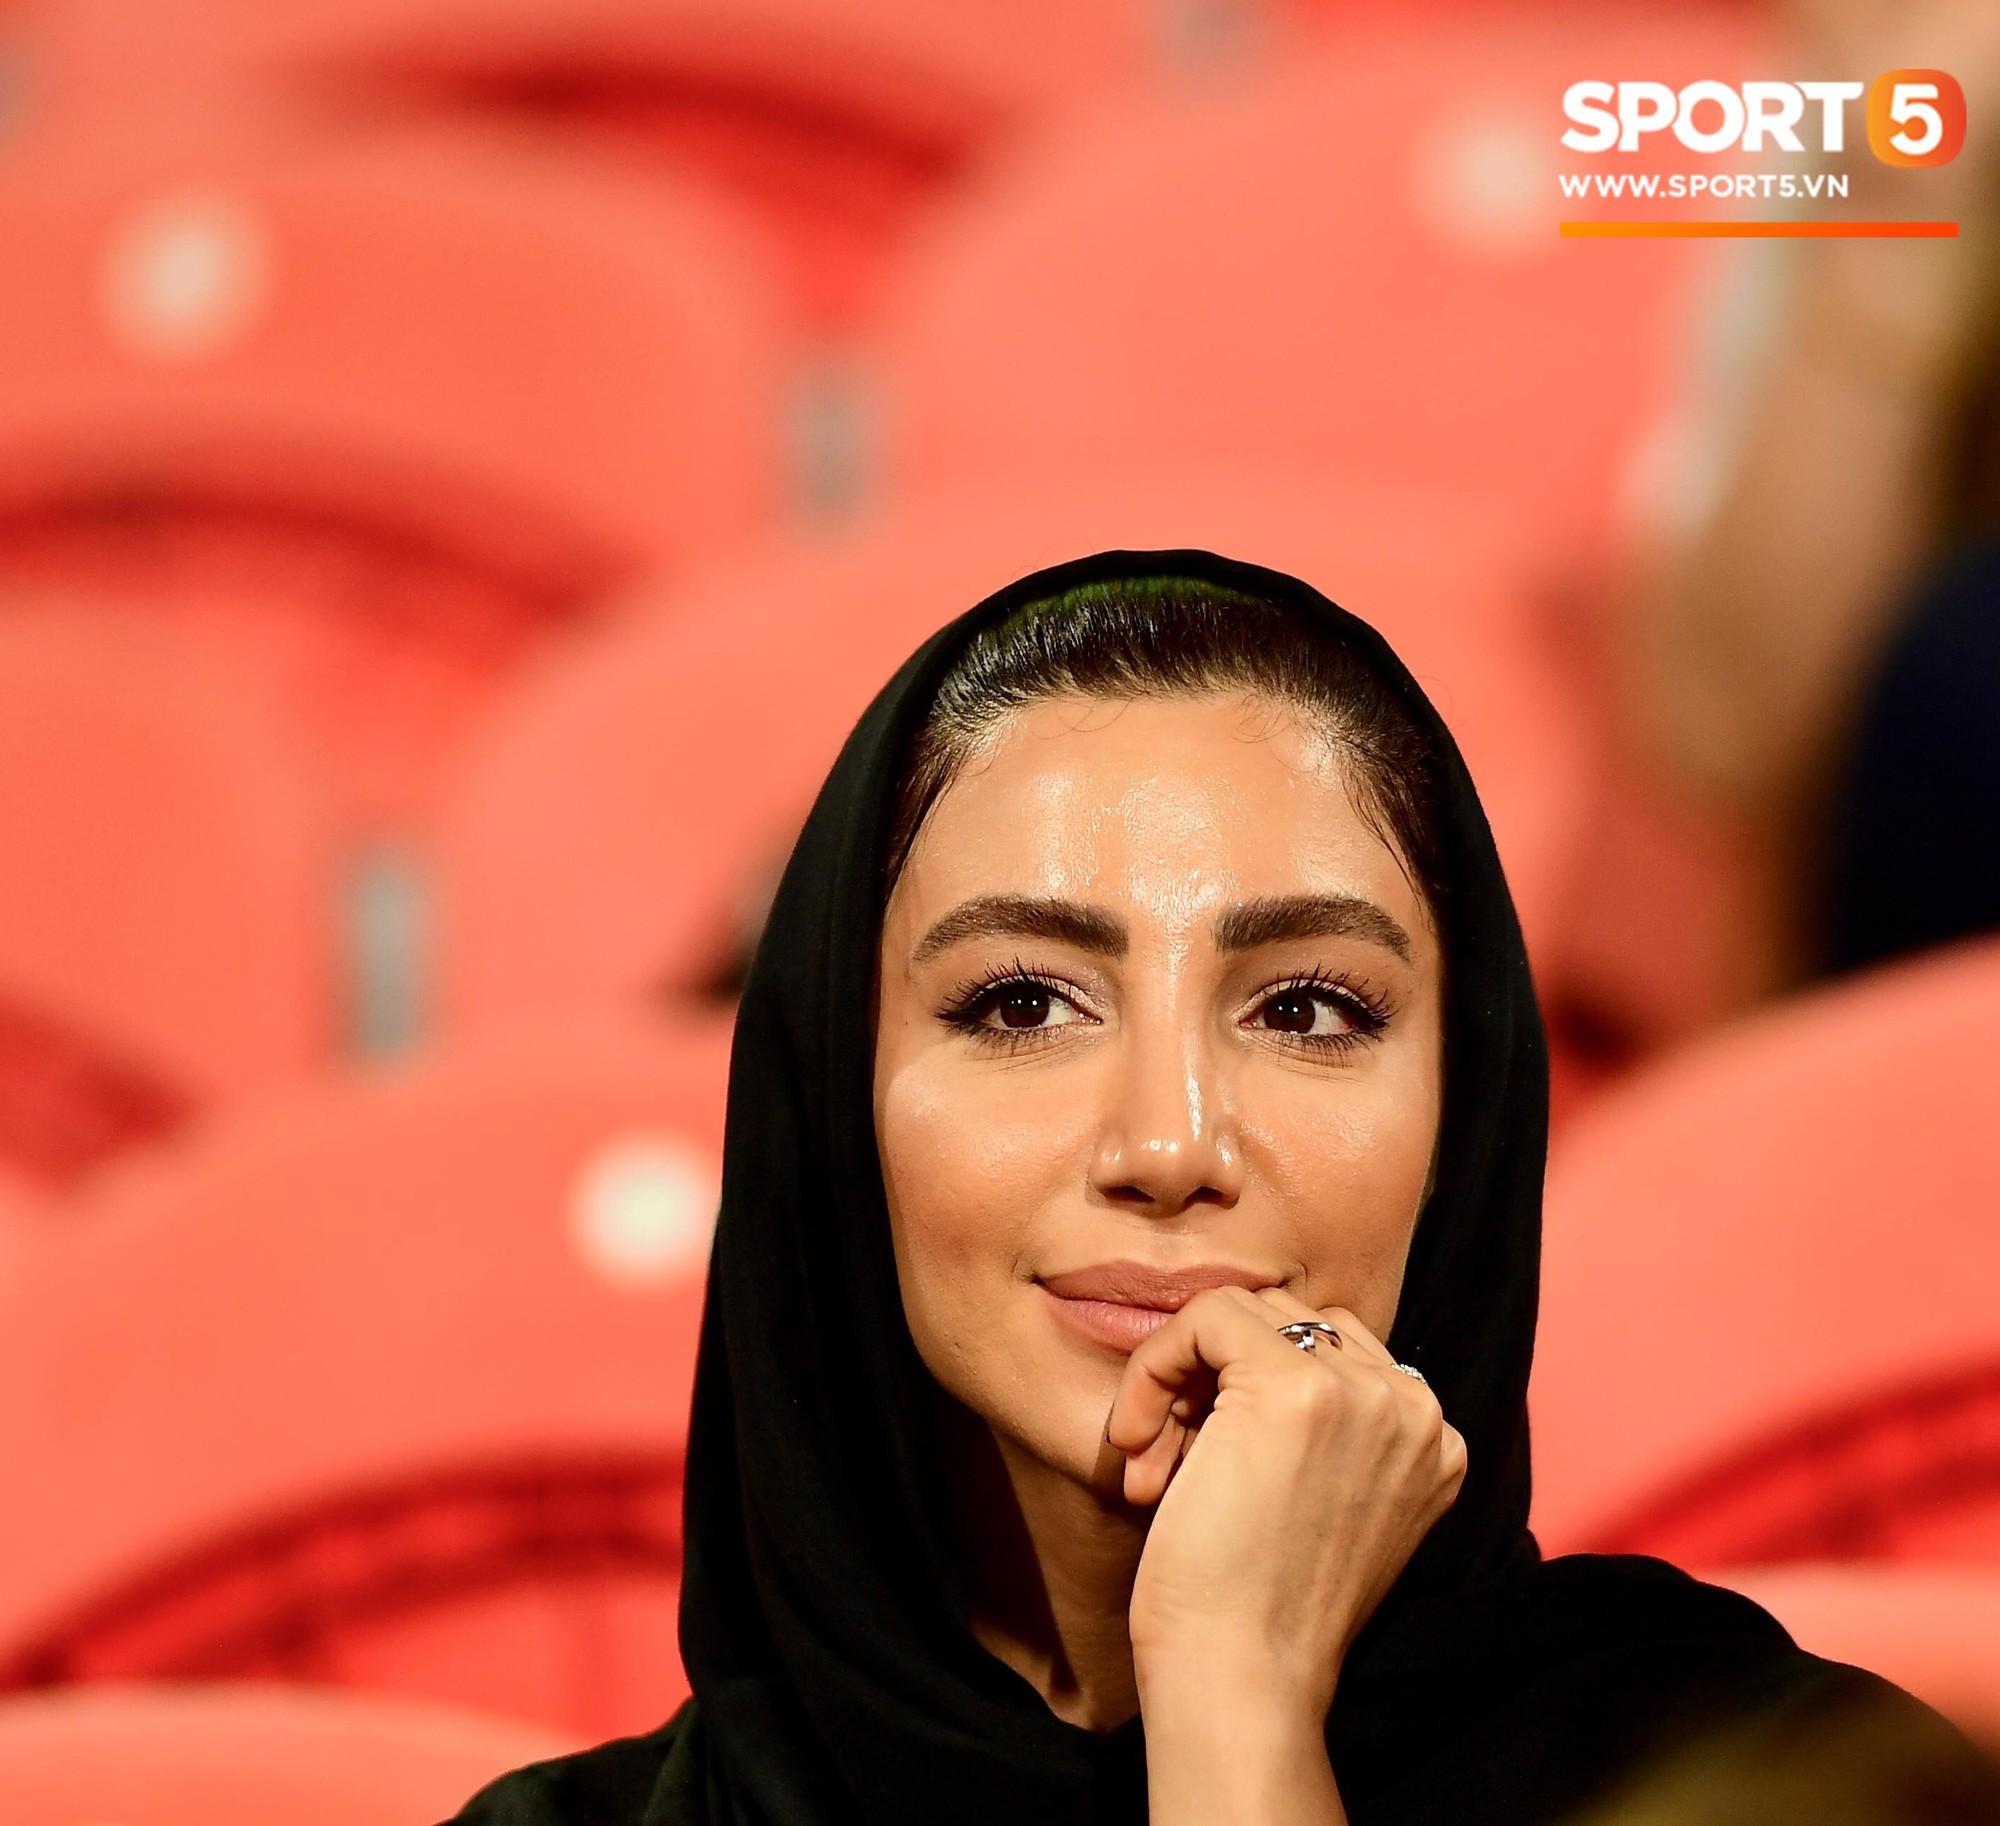 Ngất ngây với vẻ đẹp của fangirl Iran trong ngày đội nhà giành chiến thắng đậm trước Yemen - Ảnh 9.